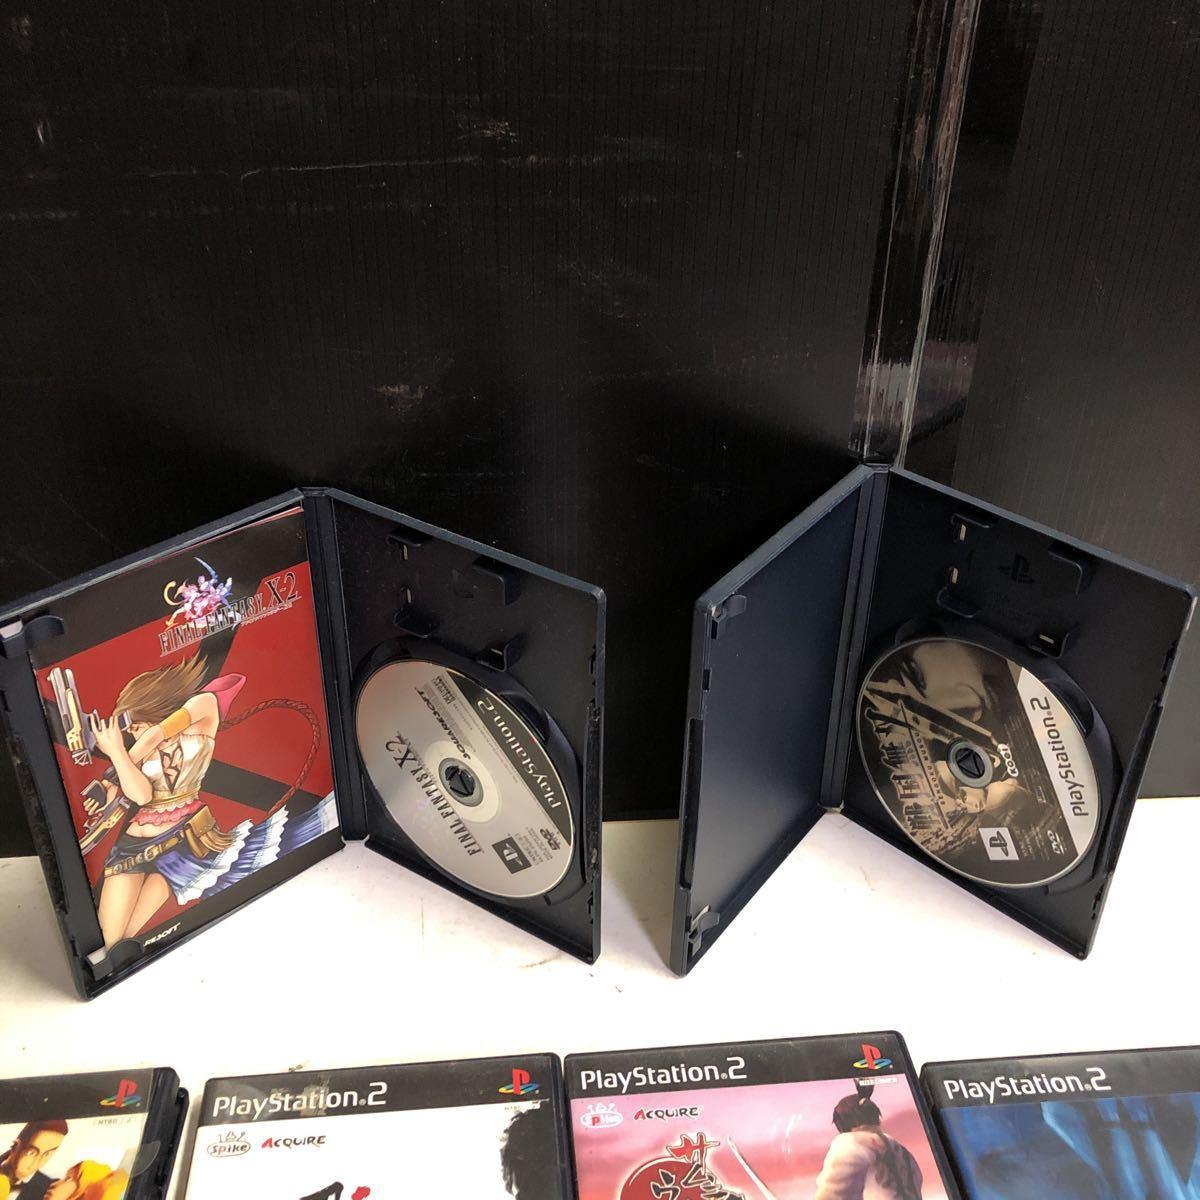 PS2 ゲームソフト 15本セット ぼくのなつやすみ2 ETERNAL STORY Ⅰ・Ⅱ 等 動作未確認 ジャンク扱い 格安売り切りスタート ま_画像7